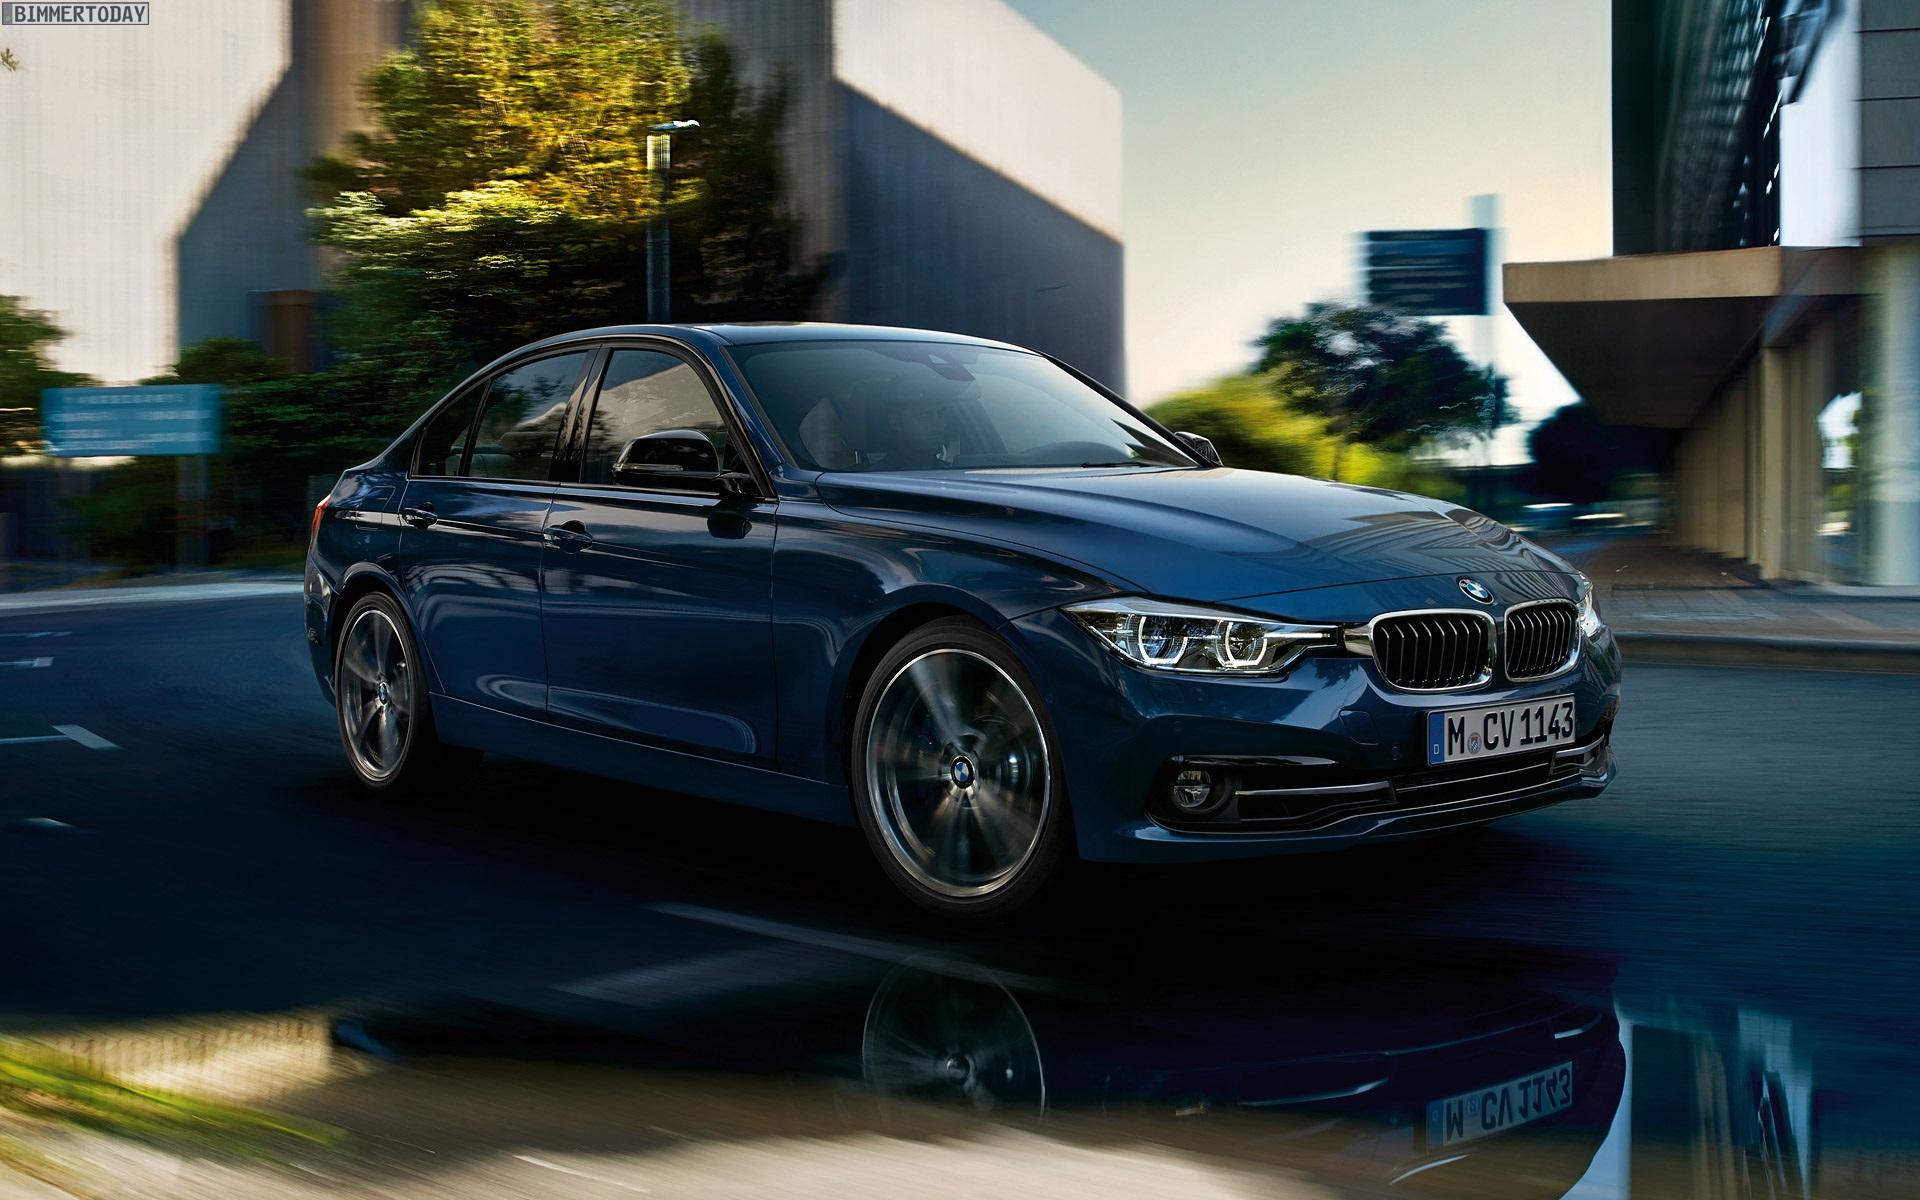 BMW 3er Facelift 2015: Offizielle Wallpaper zu F31 & F30 LCI